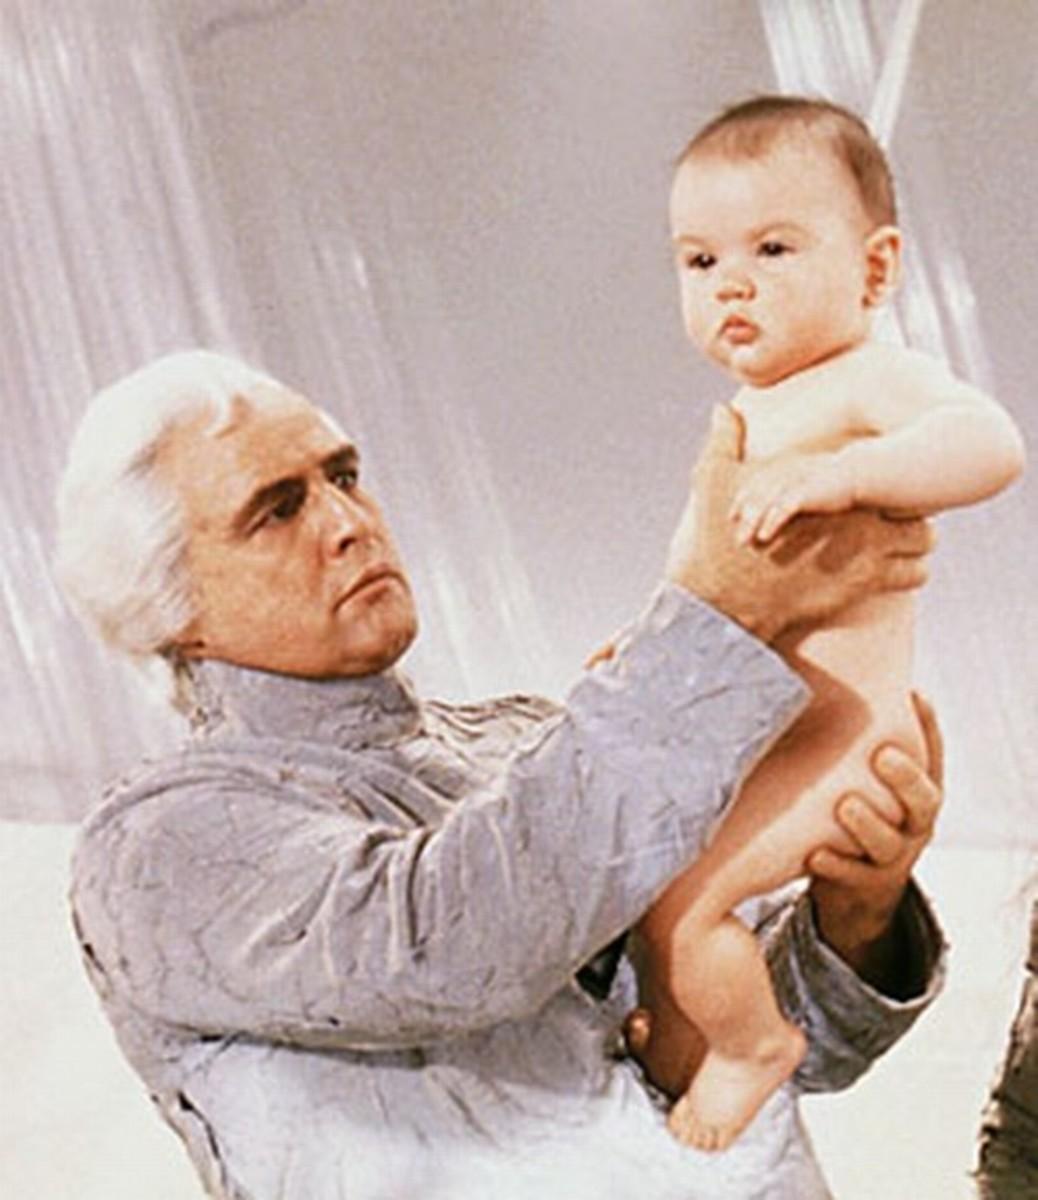 Marlon Brando in Superman the Movie (1978)